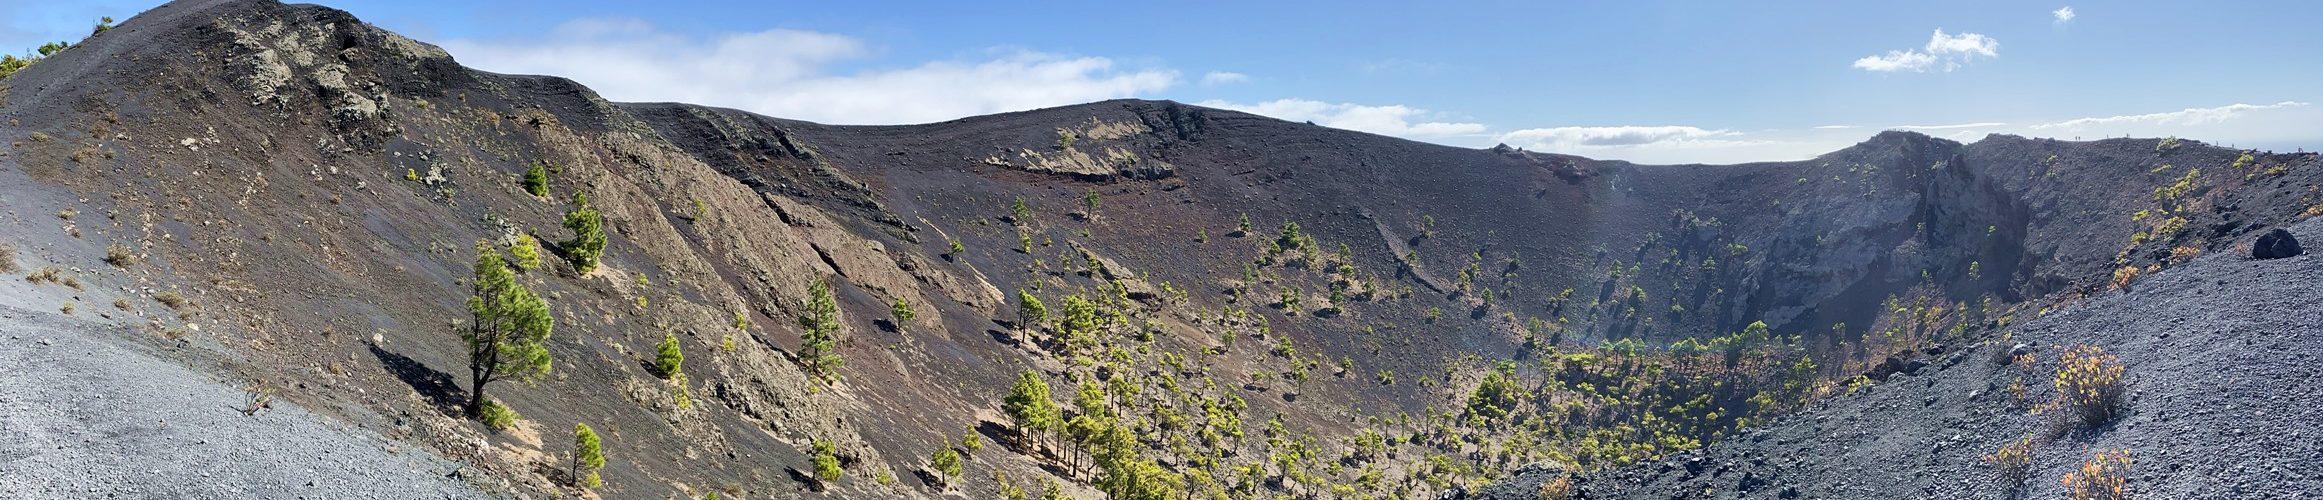 La Palma Vulkan San Antonio